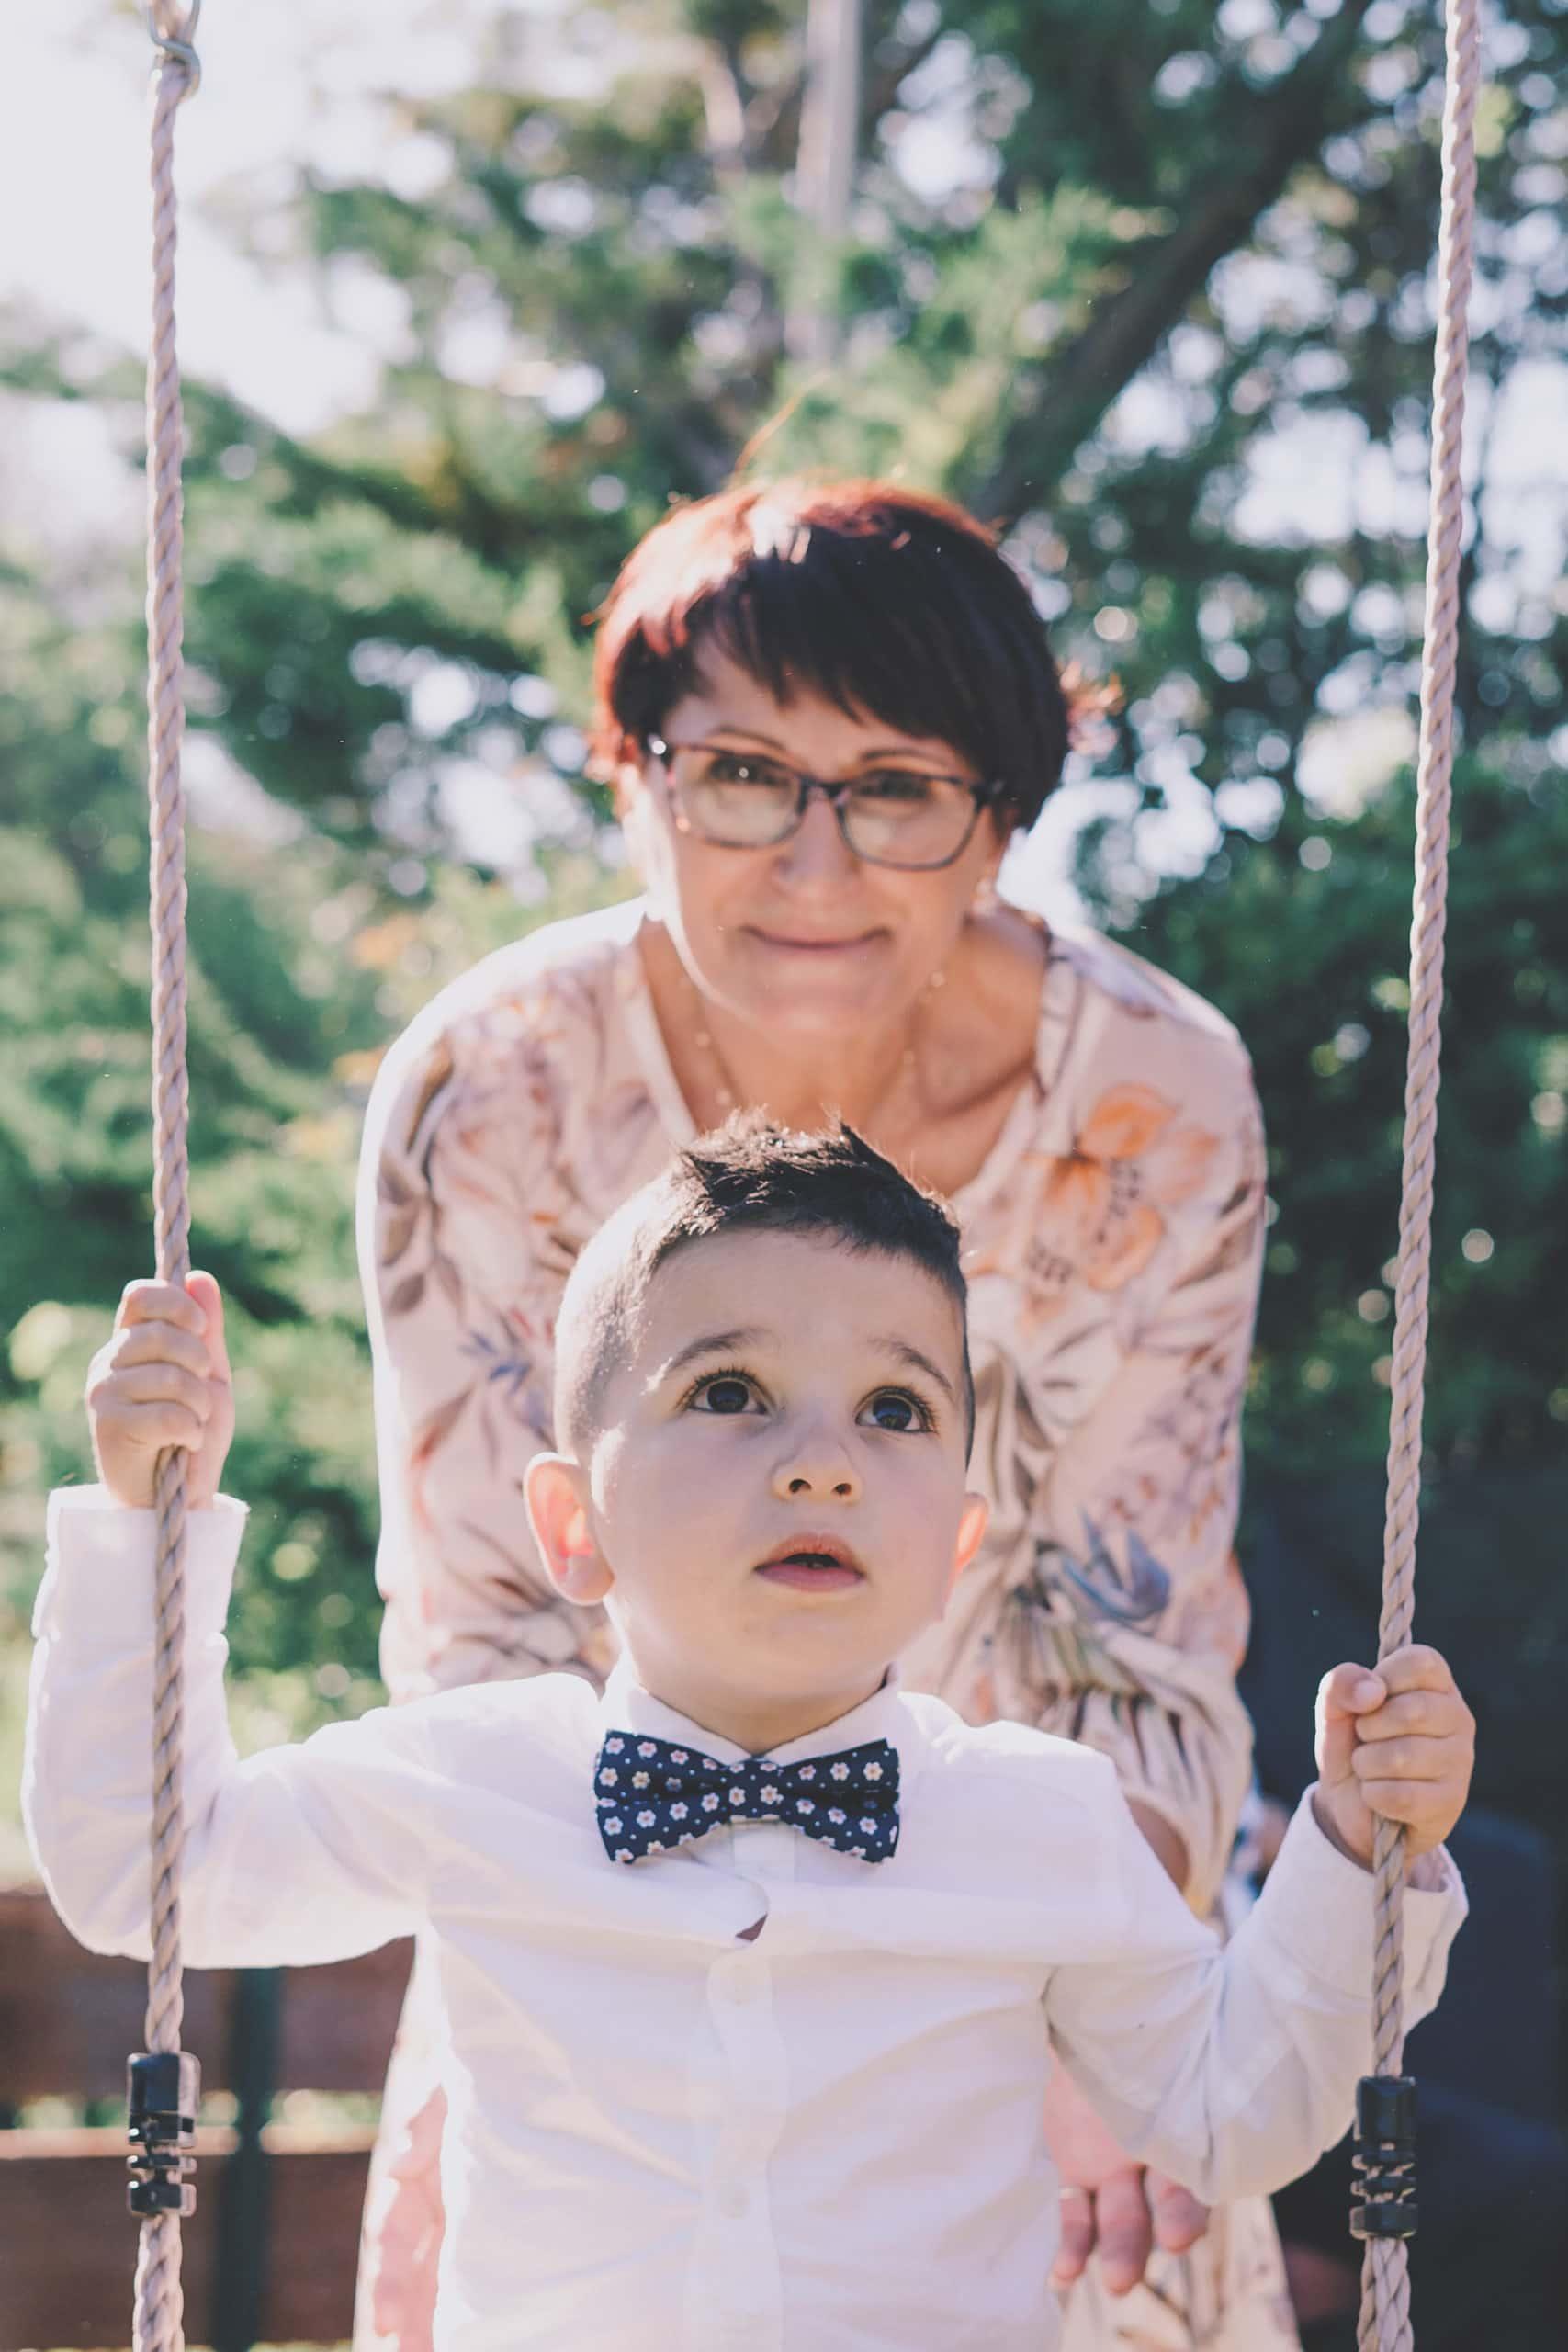 photographie famille portrait enfant aîné